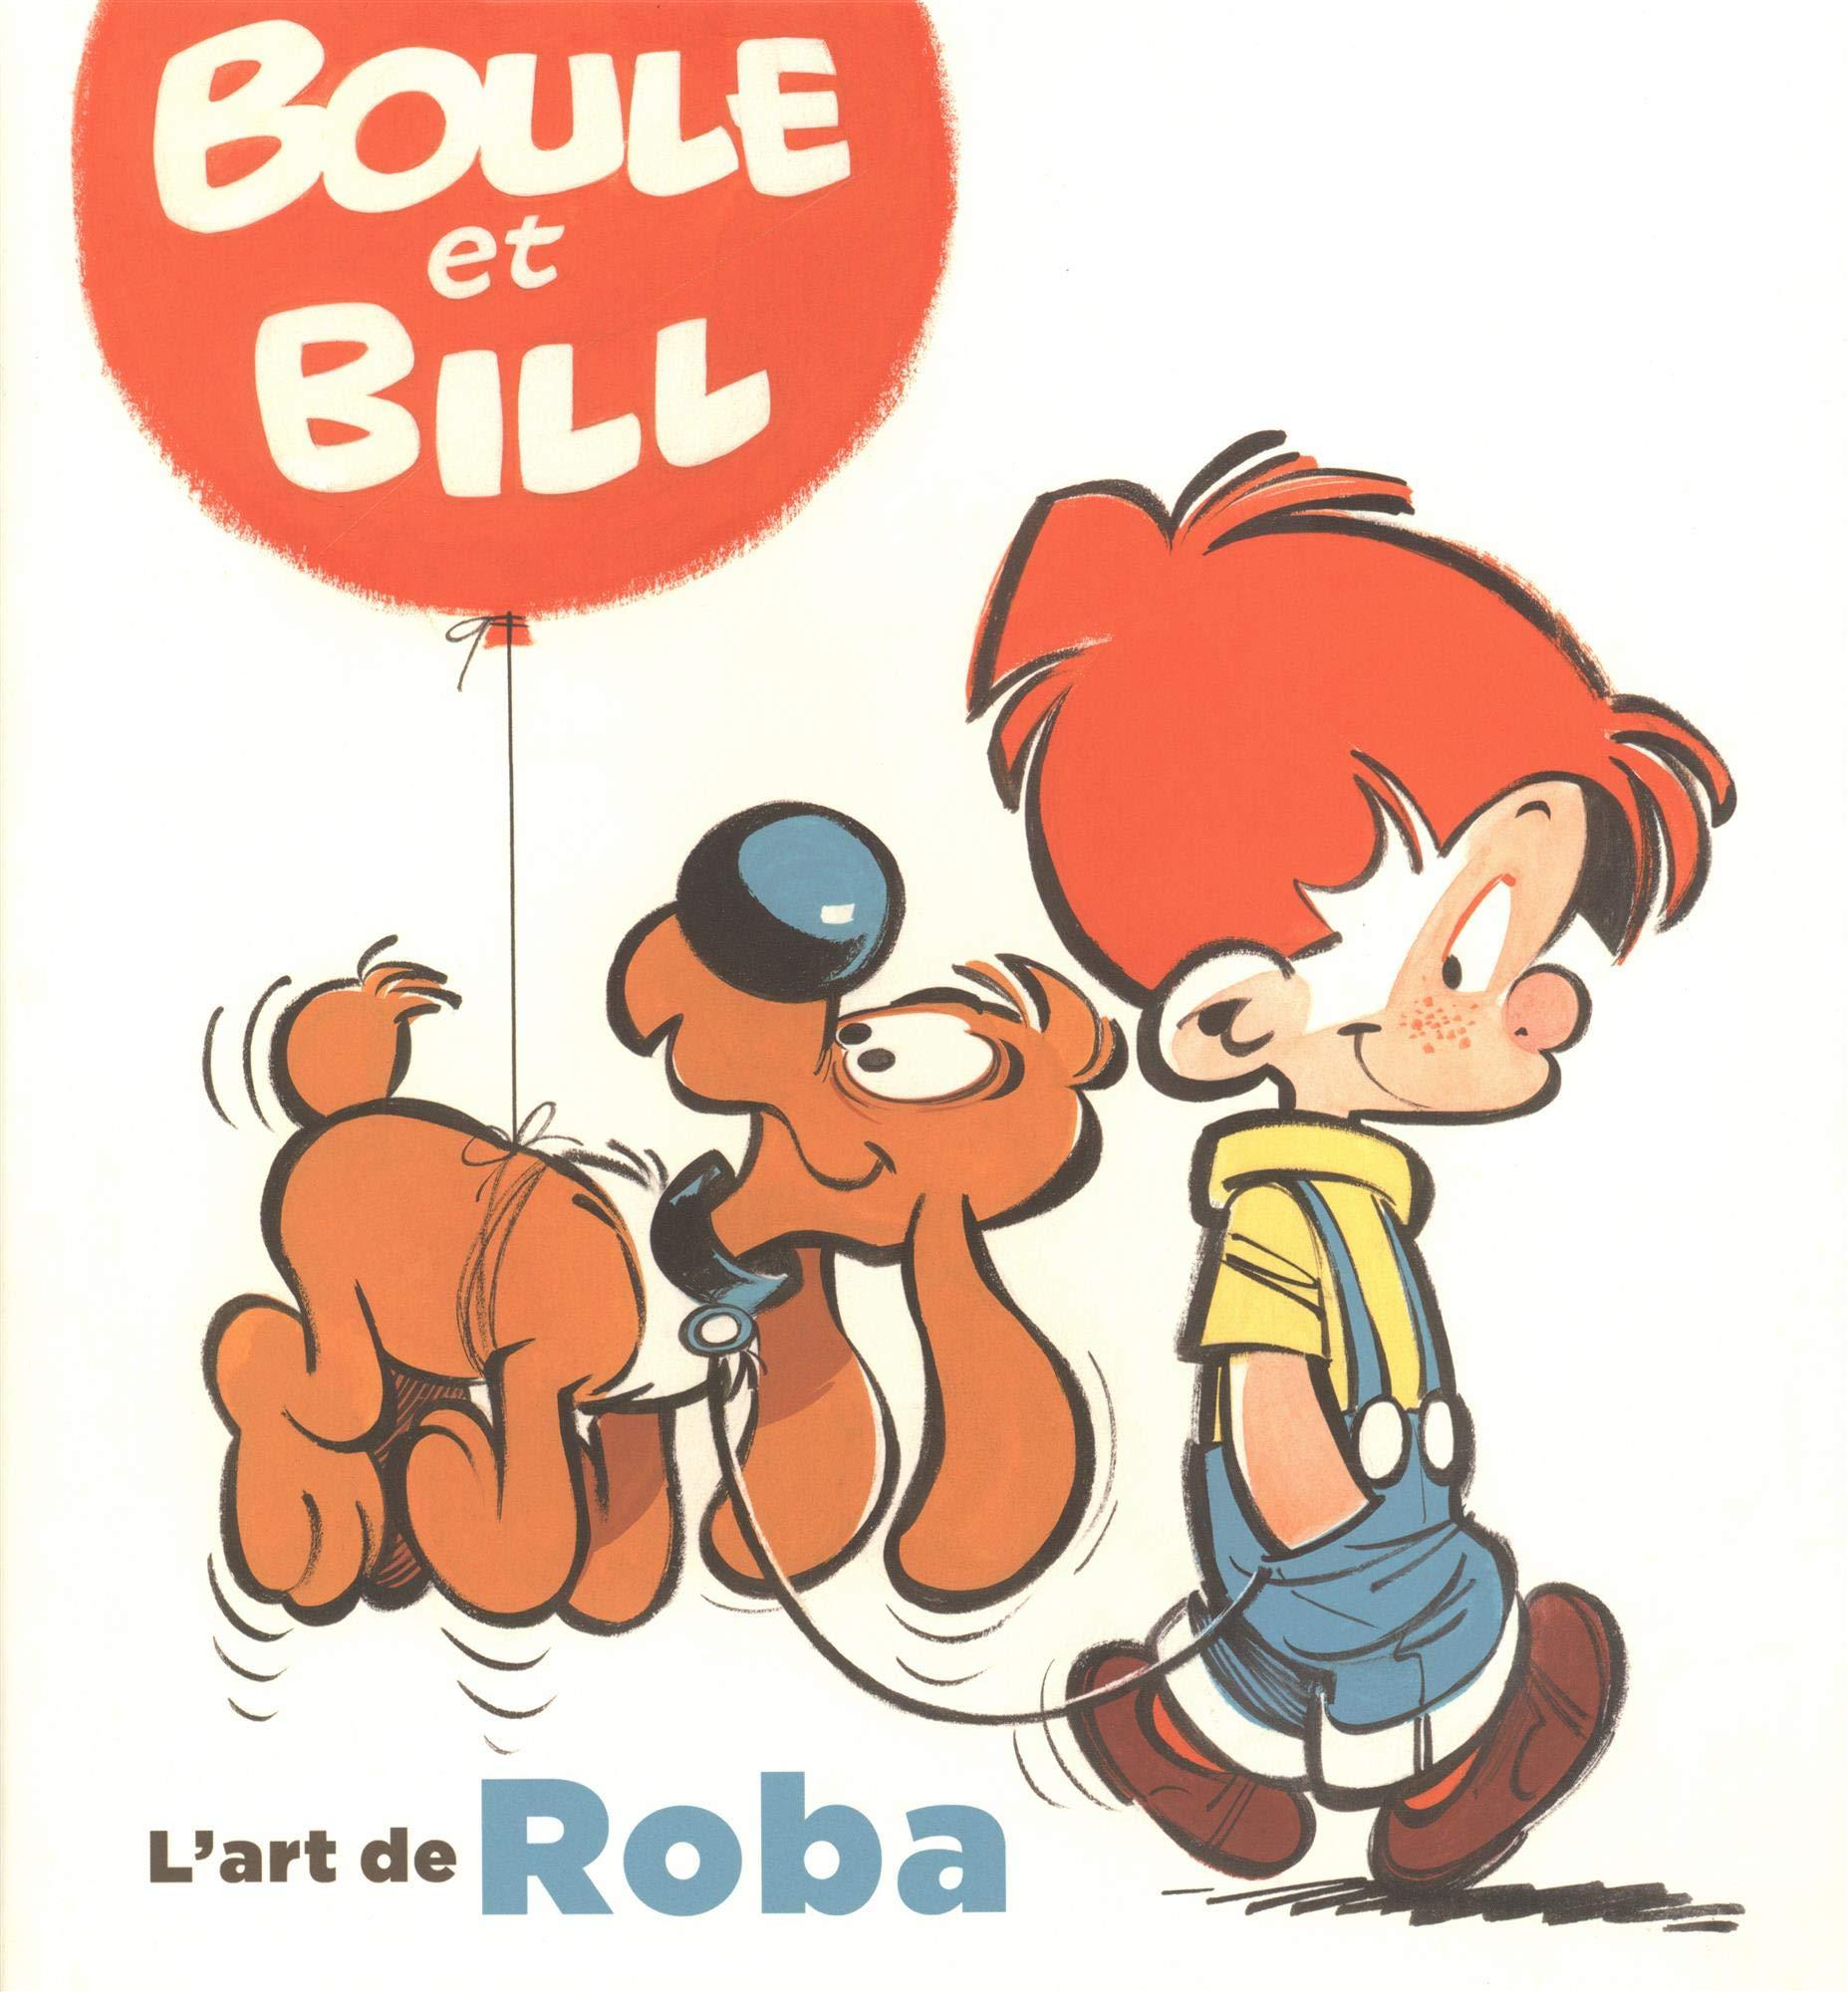 Amazon Fr Boule Et Bill L Art De Roba Pissavy Yvernault Christelle Pissavy Yvernault Bertrand Livres